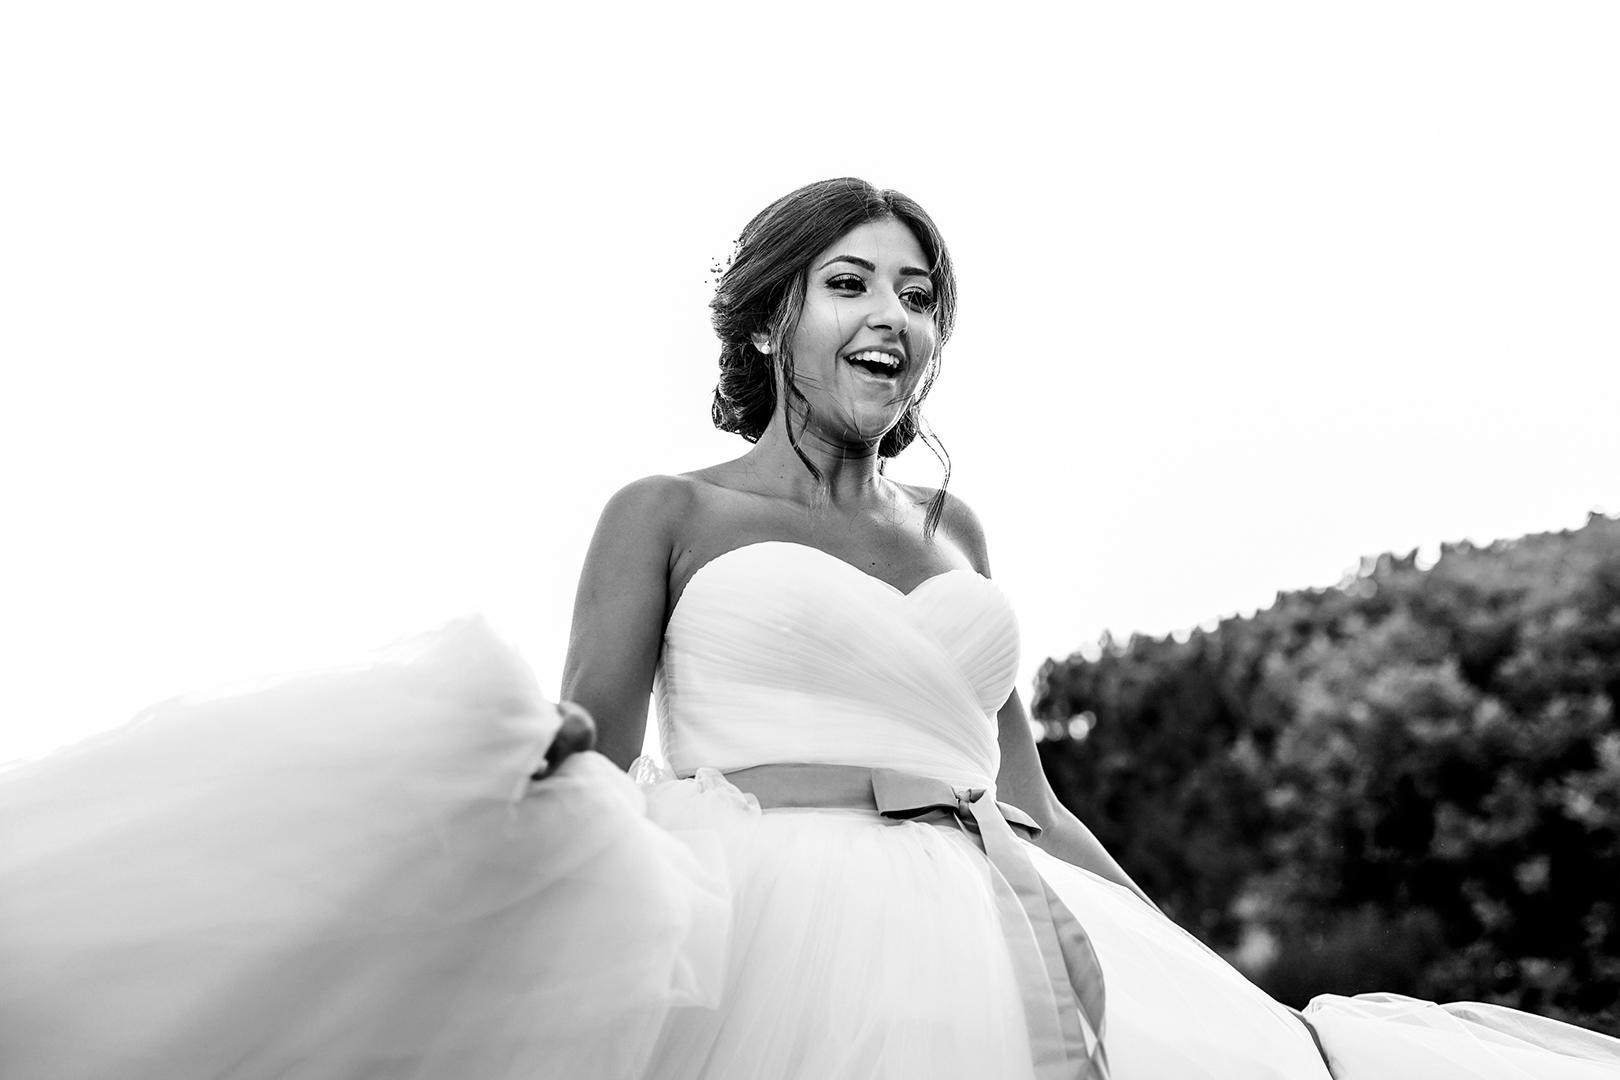 69 gianni-lepore-foto-sposa-bride-bianco-nero-torre-andriana-italia-puglia-foggia